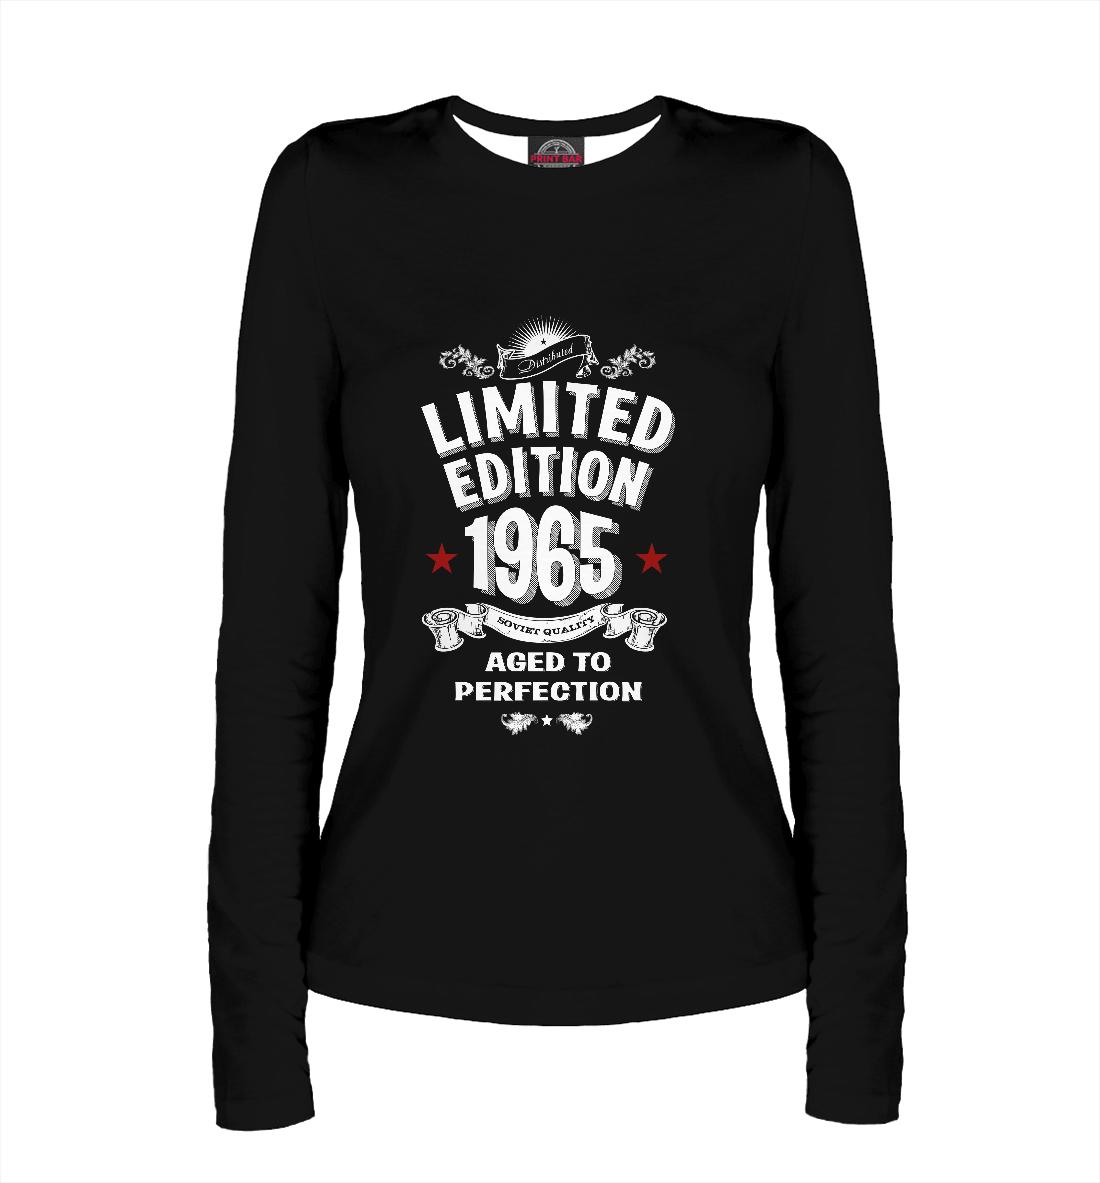 Купить Ограниченная серия 1965, Printbar, Лонгсливы, RZP-270056-lon-1